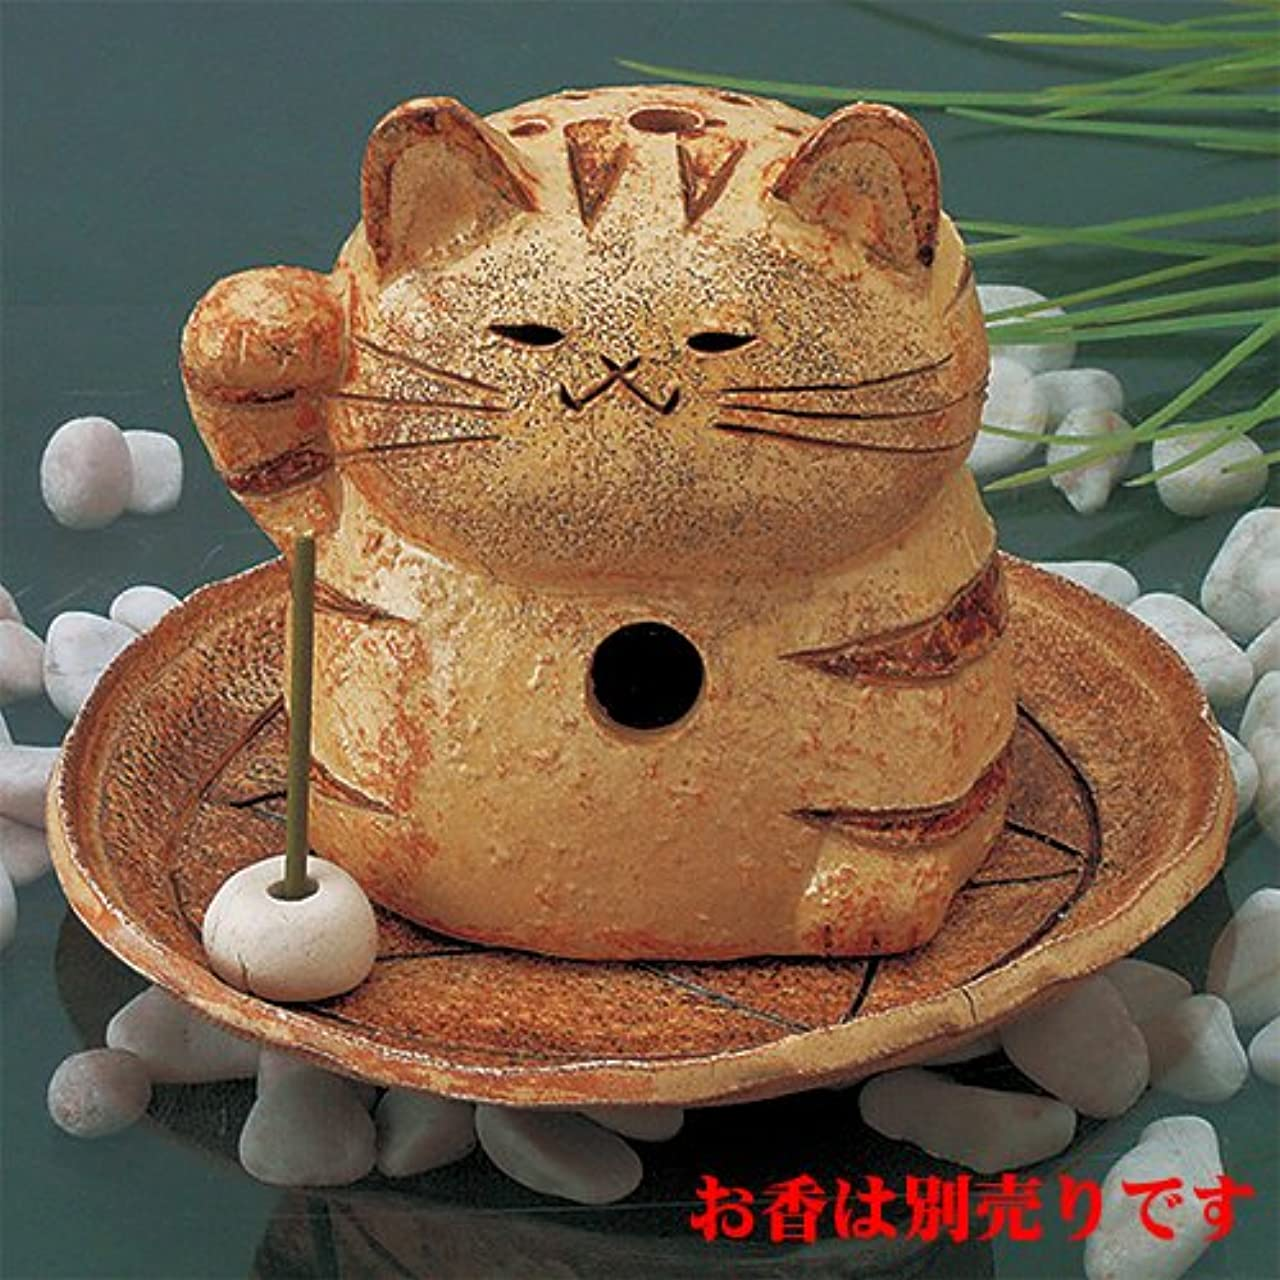 定期的小川キャリア香炉 どらねこ 香炉 [H10.5cm] HANDMADE プレゼント ギフト 和食器 かわいい インテリア